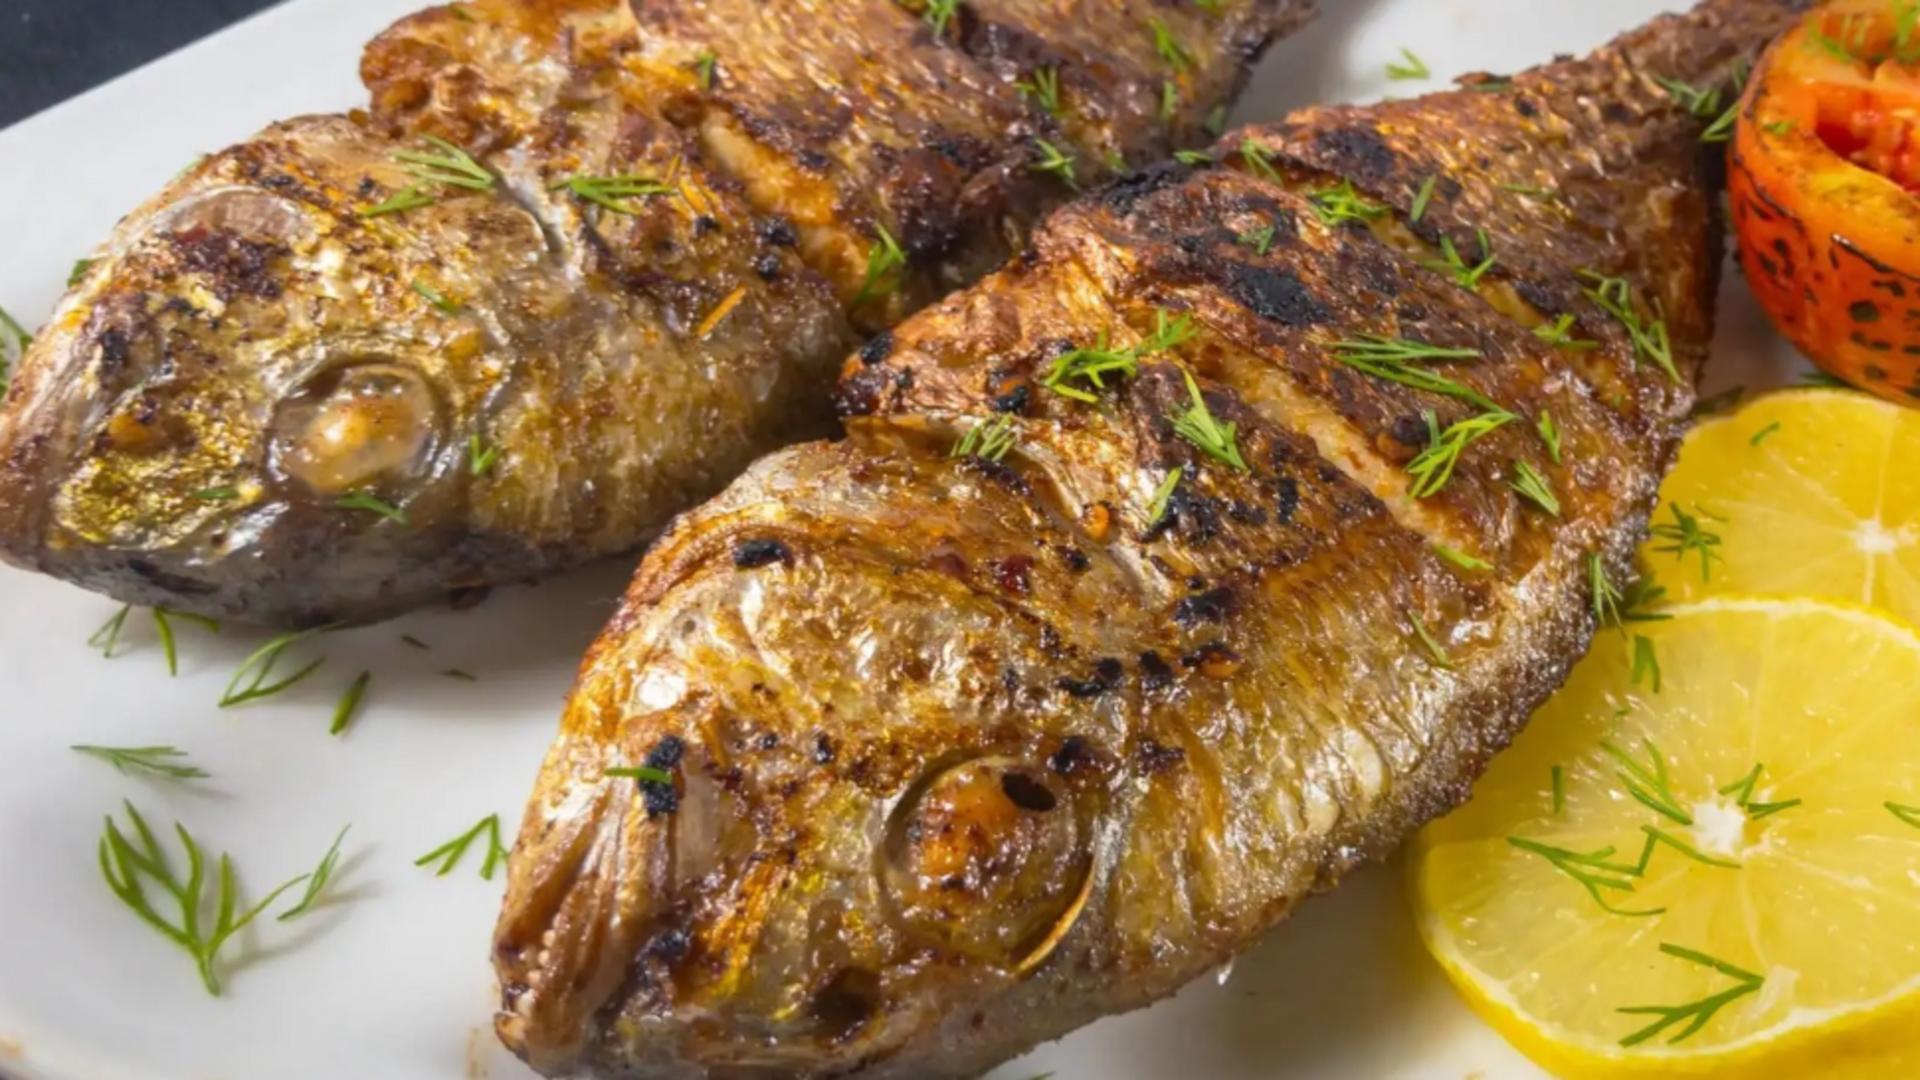 Cât de sănătoasă este pielea de pește?